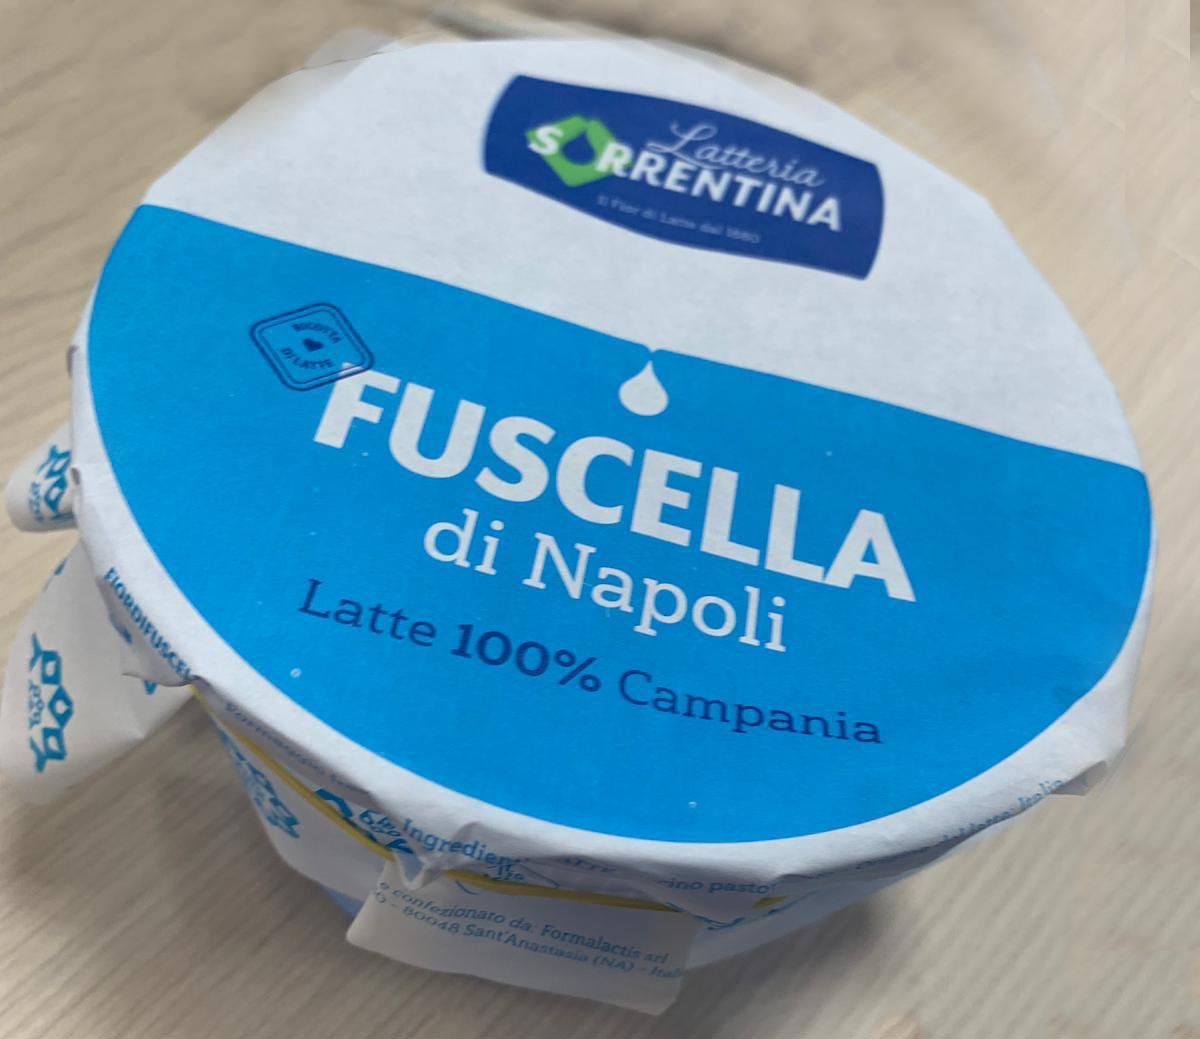 ricotta Fuscella di Napoli